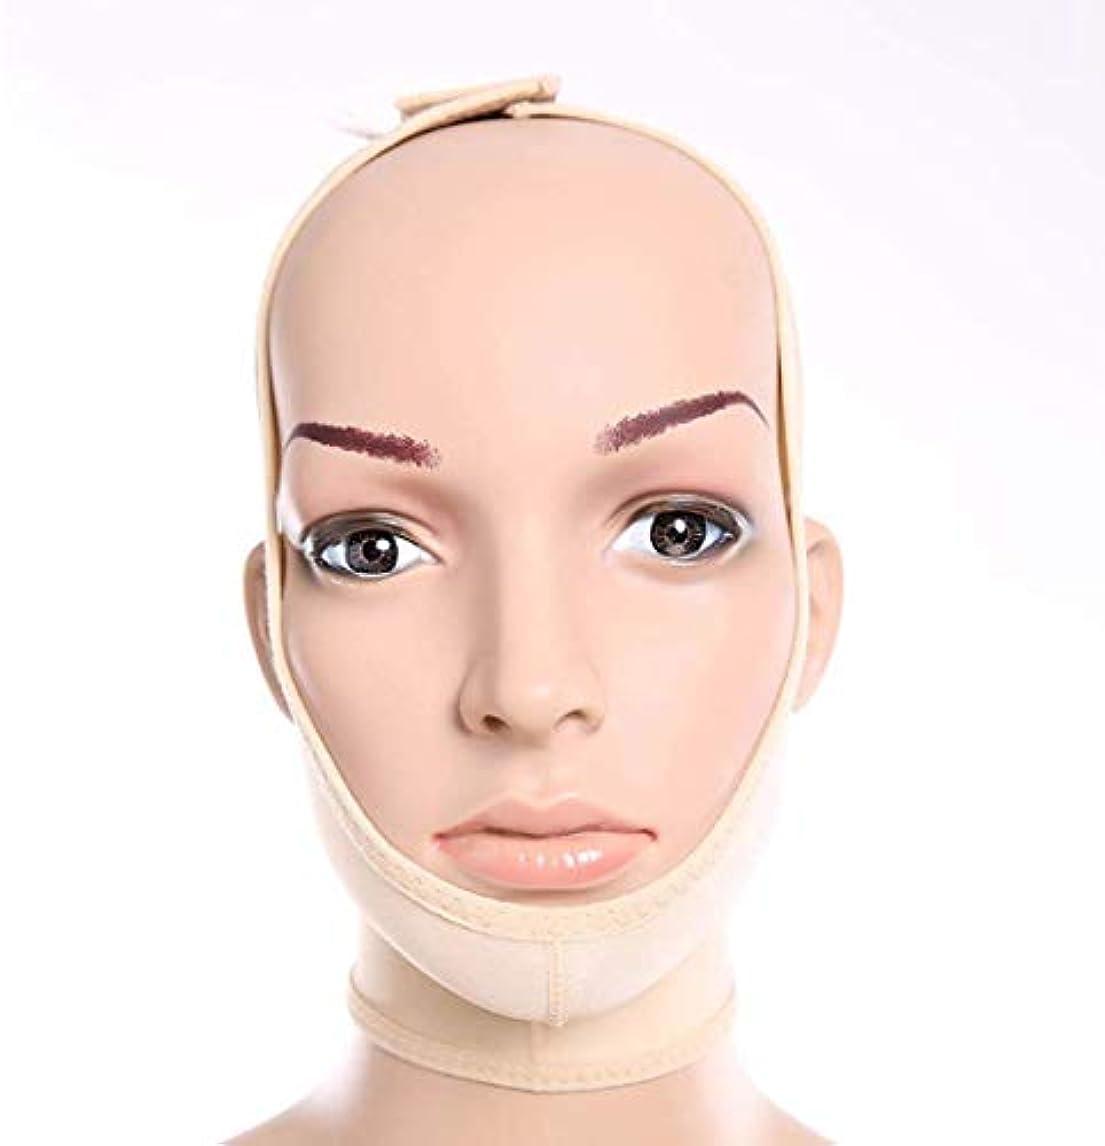 体現するアブストラクト見捨てるSlim身Vフェイスマスク、顔と首のリフト、減量術後弾性スリーブ顎セット顔アーティファクトV顔顔面バンドルダブルあご薄い顔かつら(サイズ:S)